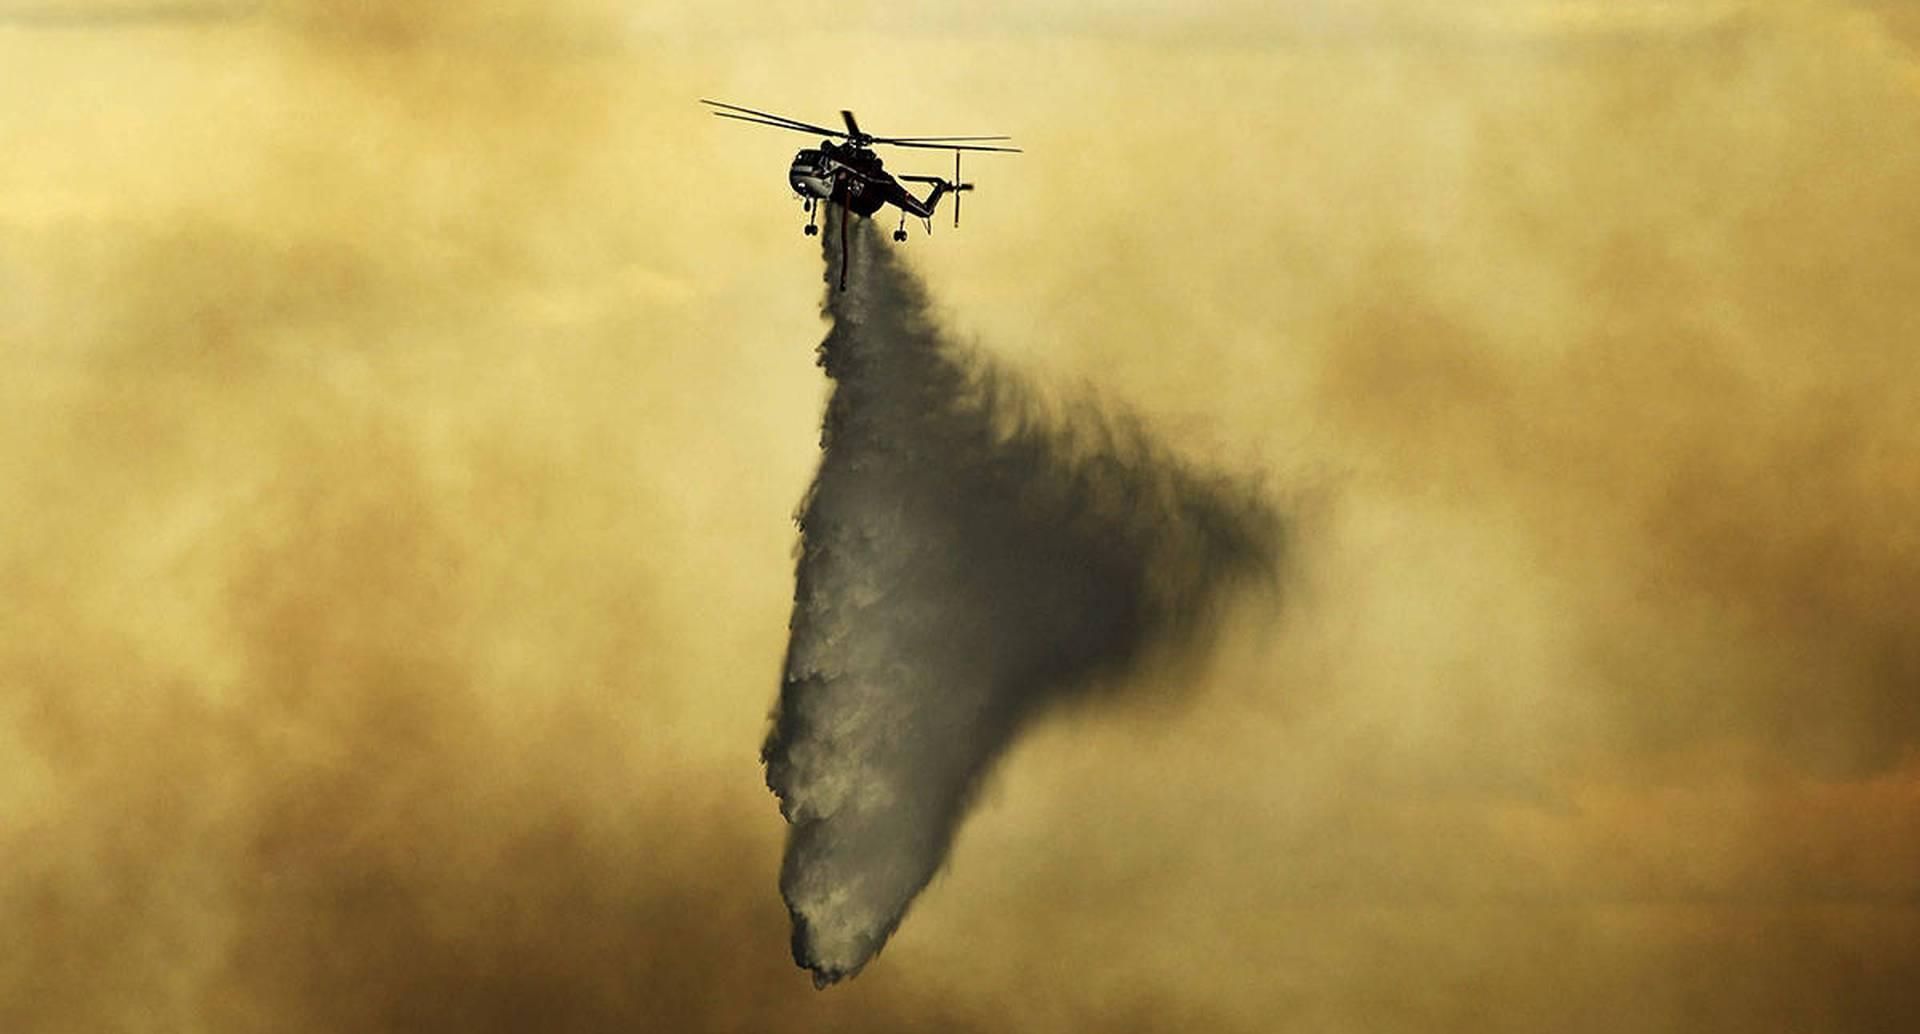 Incendio forestal cerca de Evergreen, Colorado. Imagen del 13 de julio. Las lluvias y el clima favorable presentado el día siguiente dieron esperanza a los bomberos que intentaban contener los llamas. La emergencia forzó la evacuación de unos mil residentes en el área. Foto: RJ Sangosti / The Denver Post a través de AP